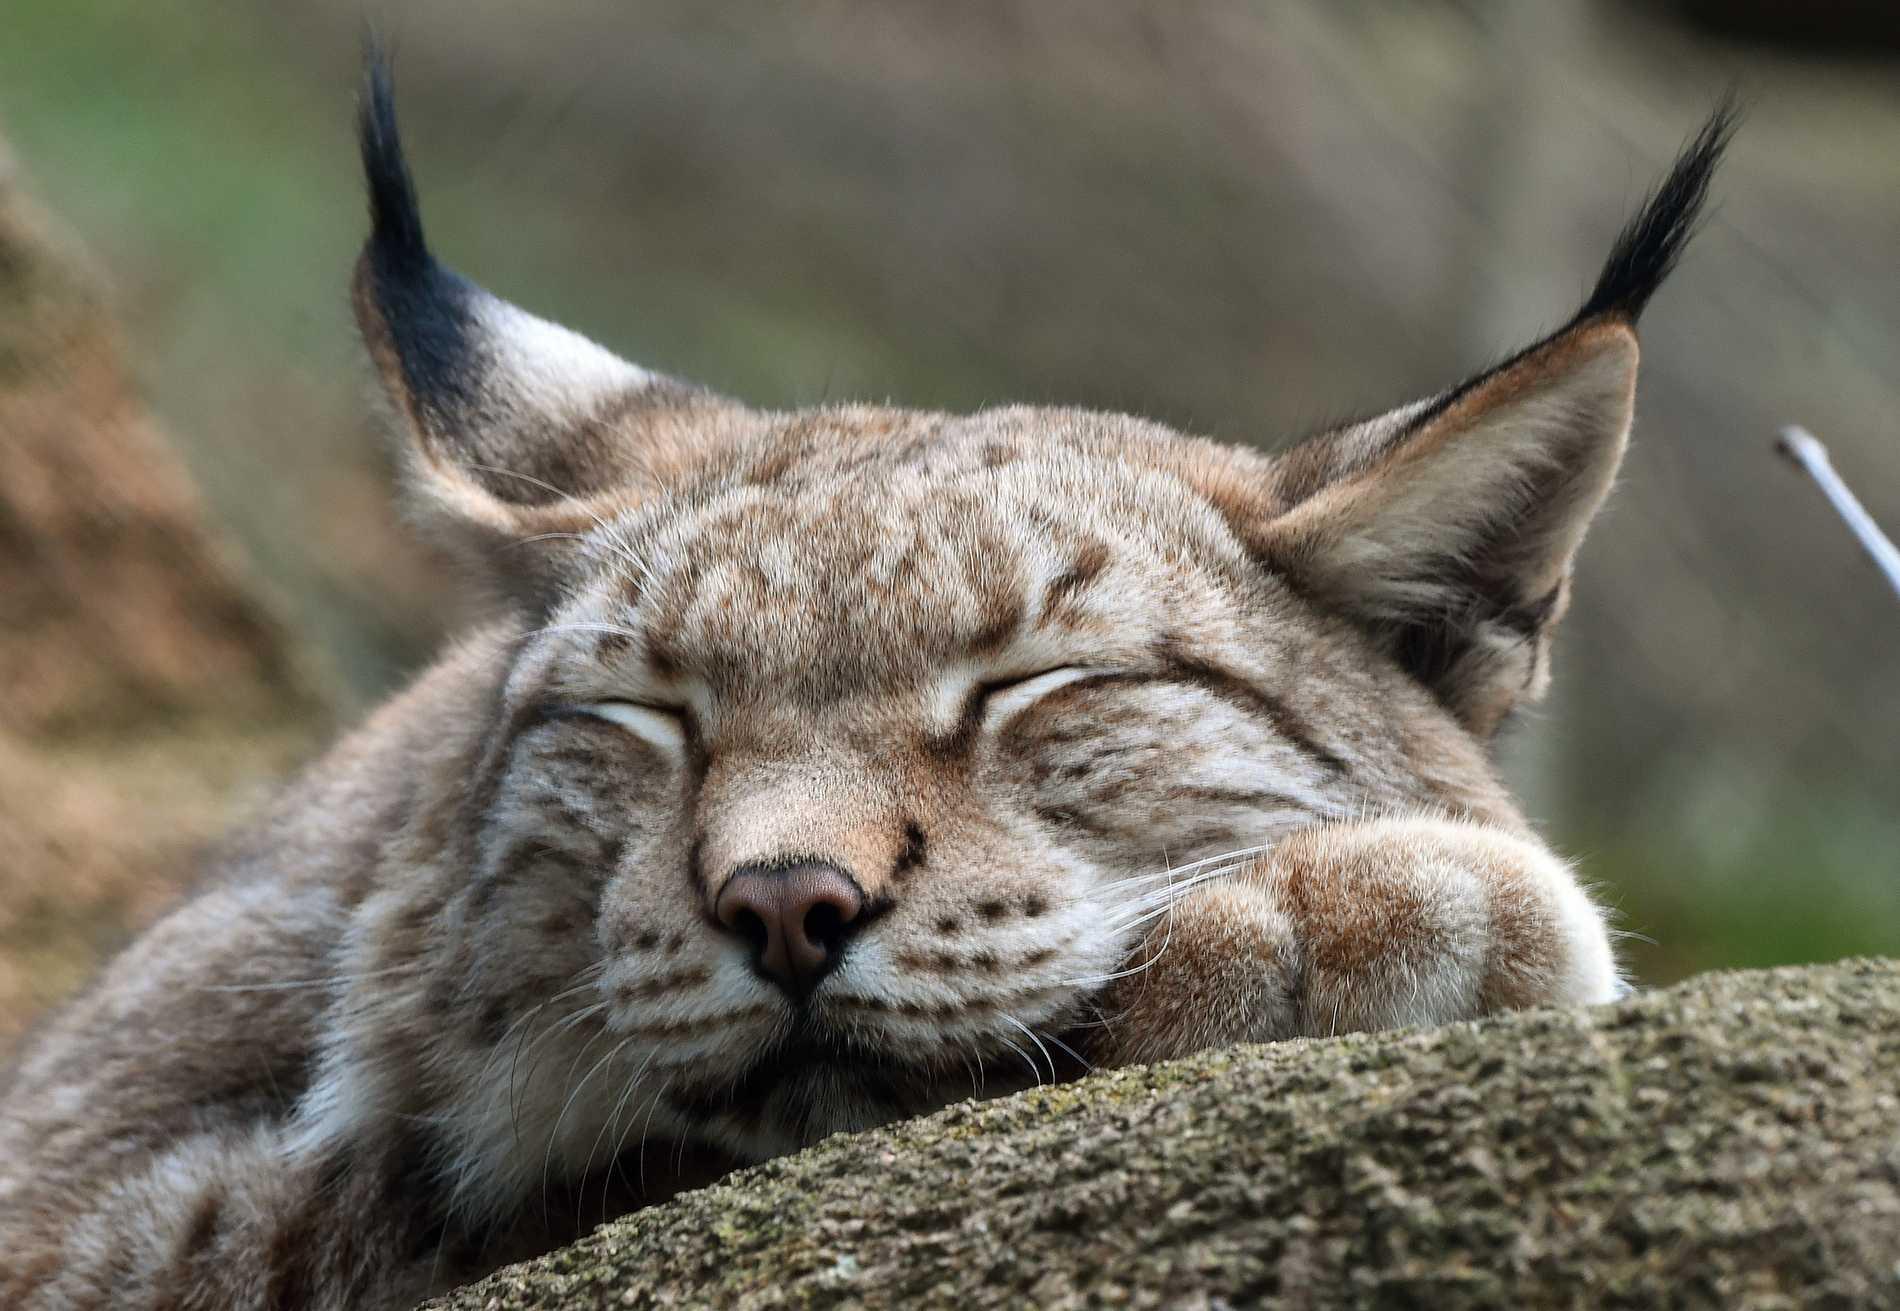 Svenska lodjur verkar må bra. Detta djur är fotat i en inhägnad vid den tyska nationalparken Harz. Arkivbild.